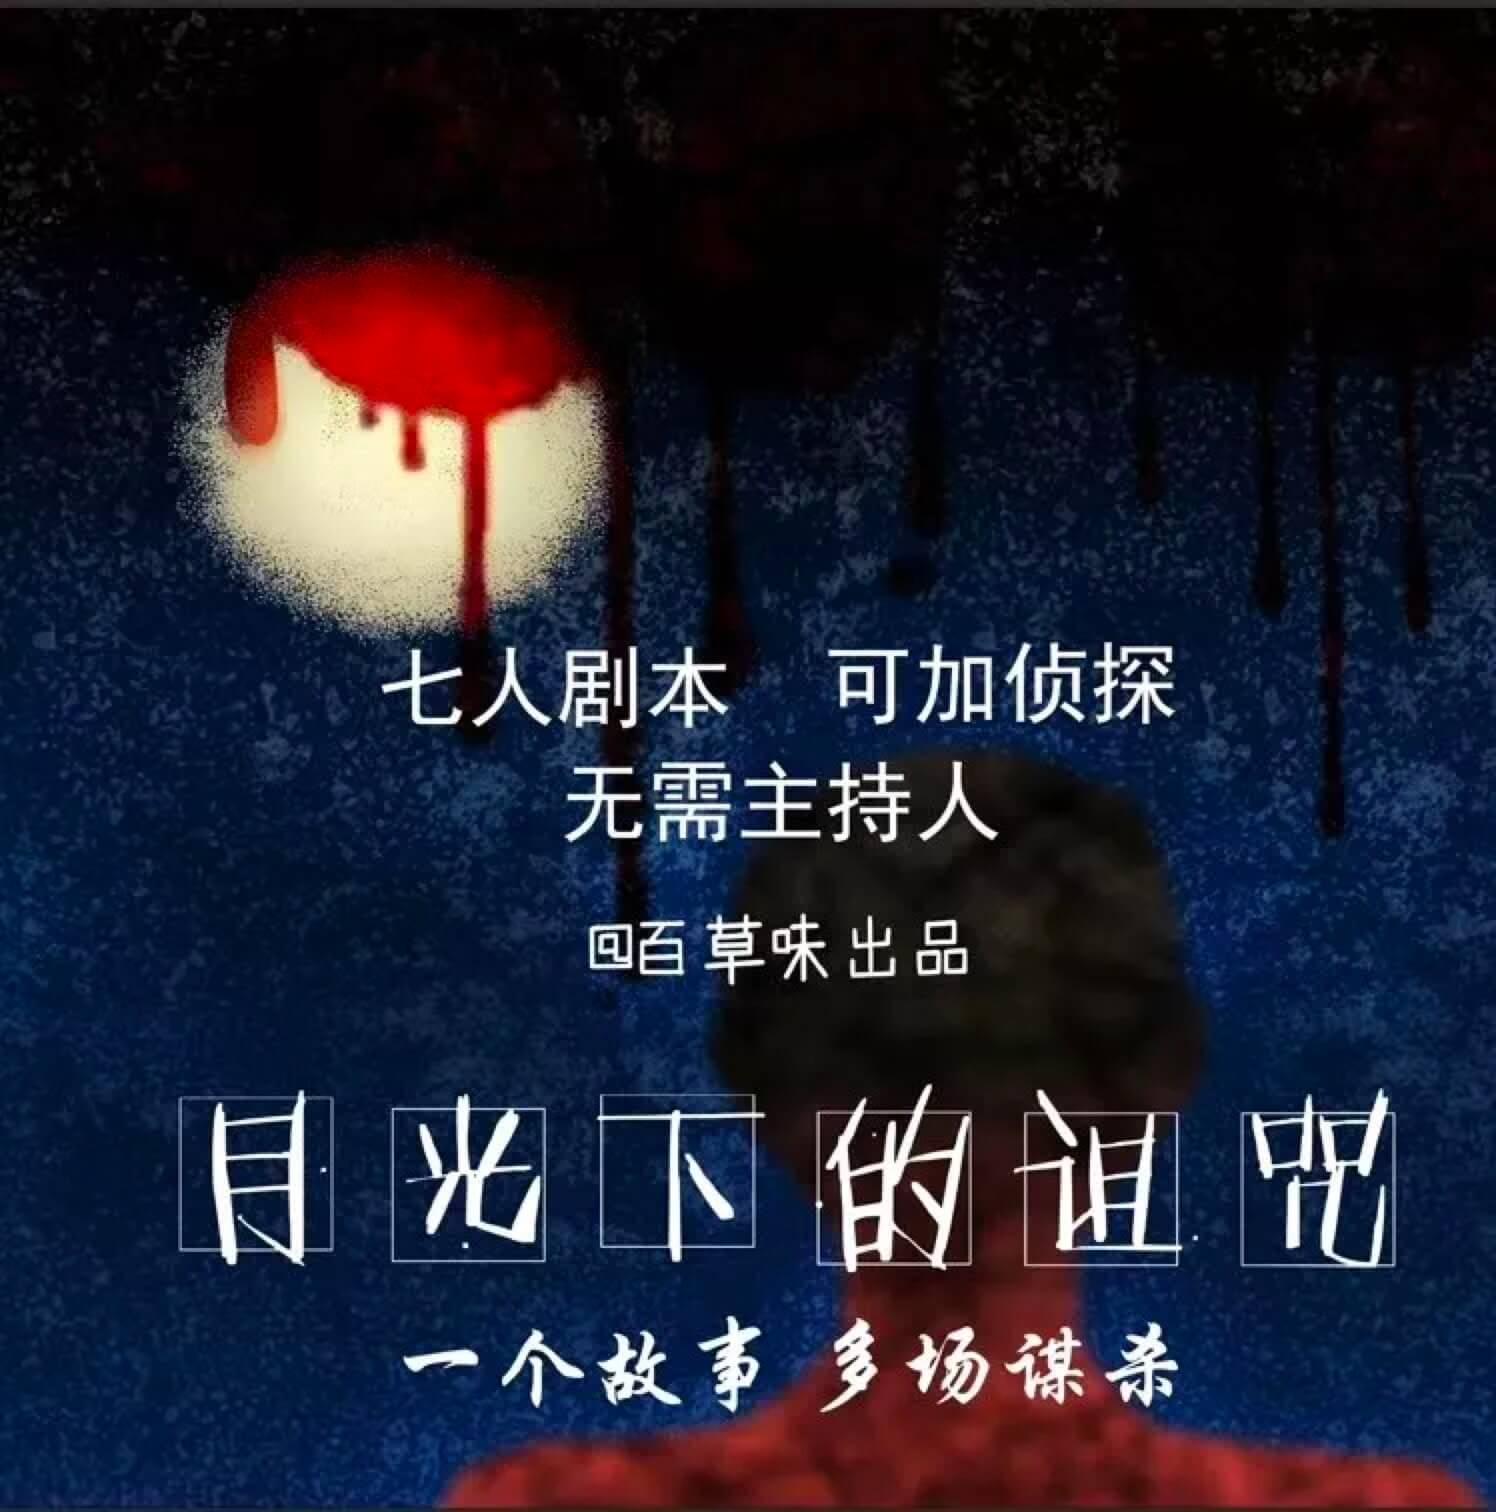 《月光下的诅咒》剧本杀真相复盘 凶手是谁 剧透解析 密码答案 结局攻略